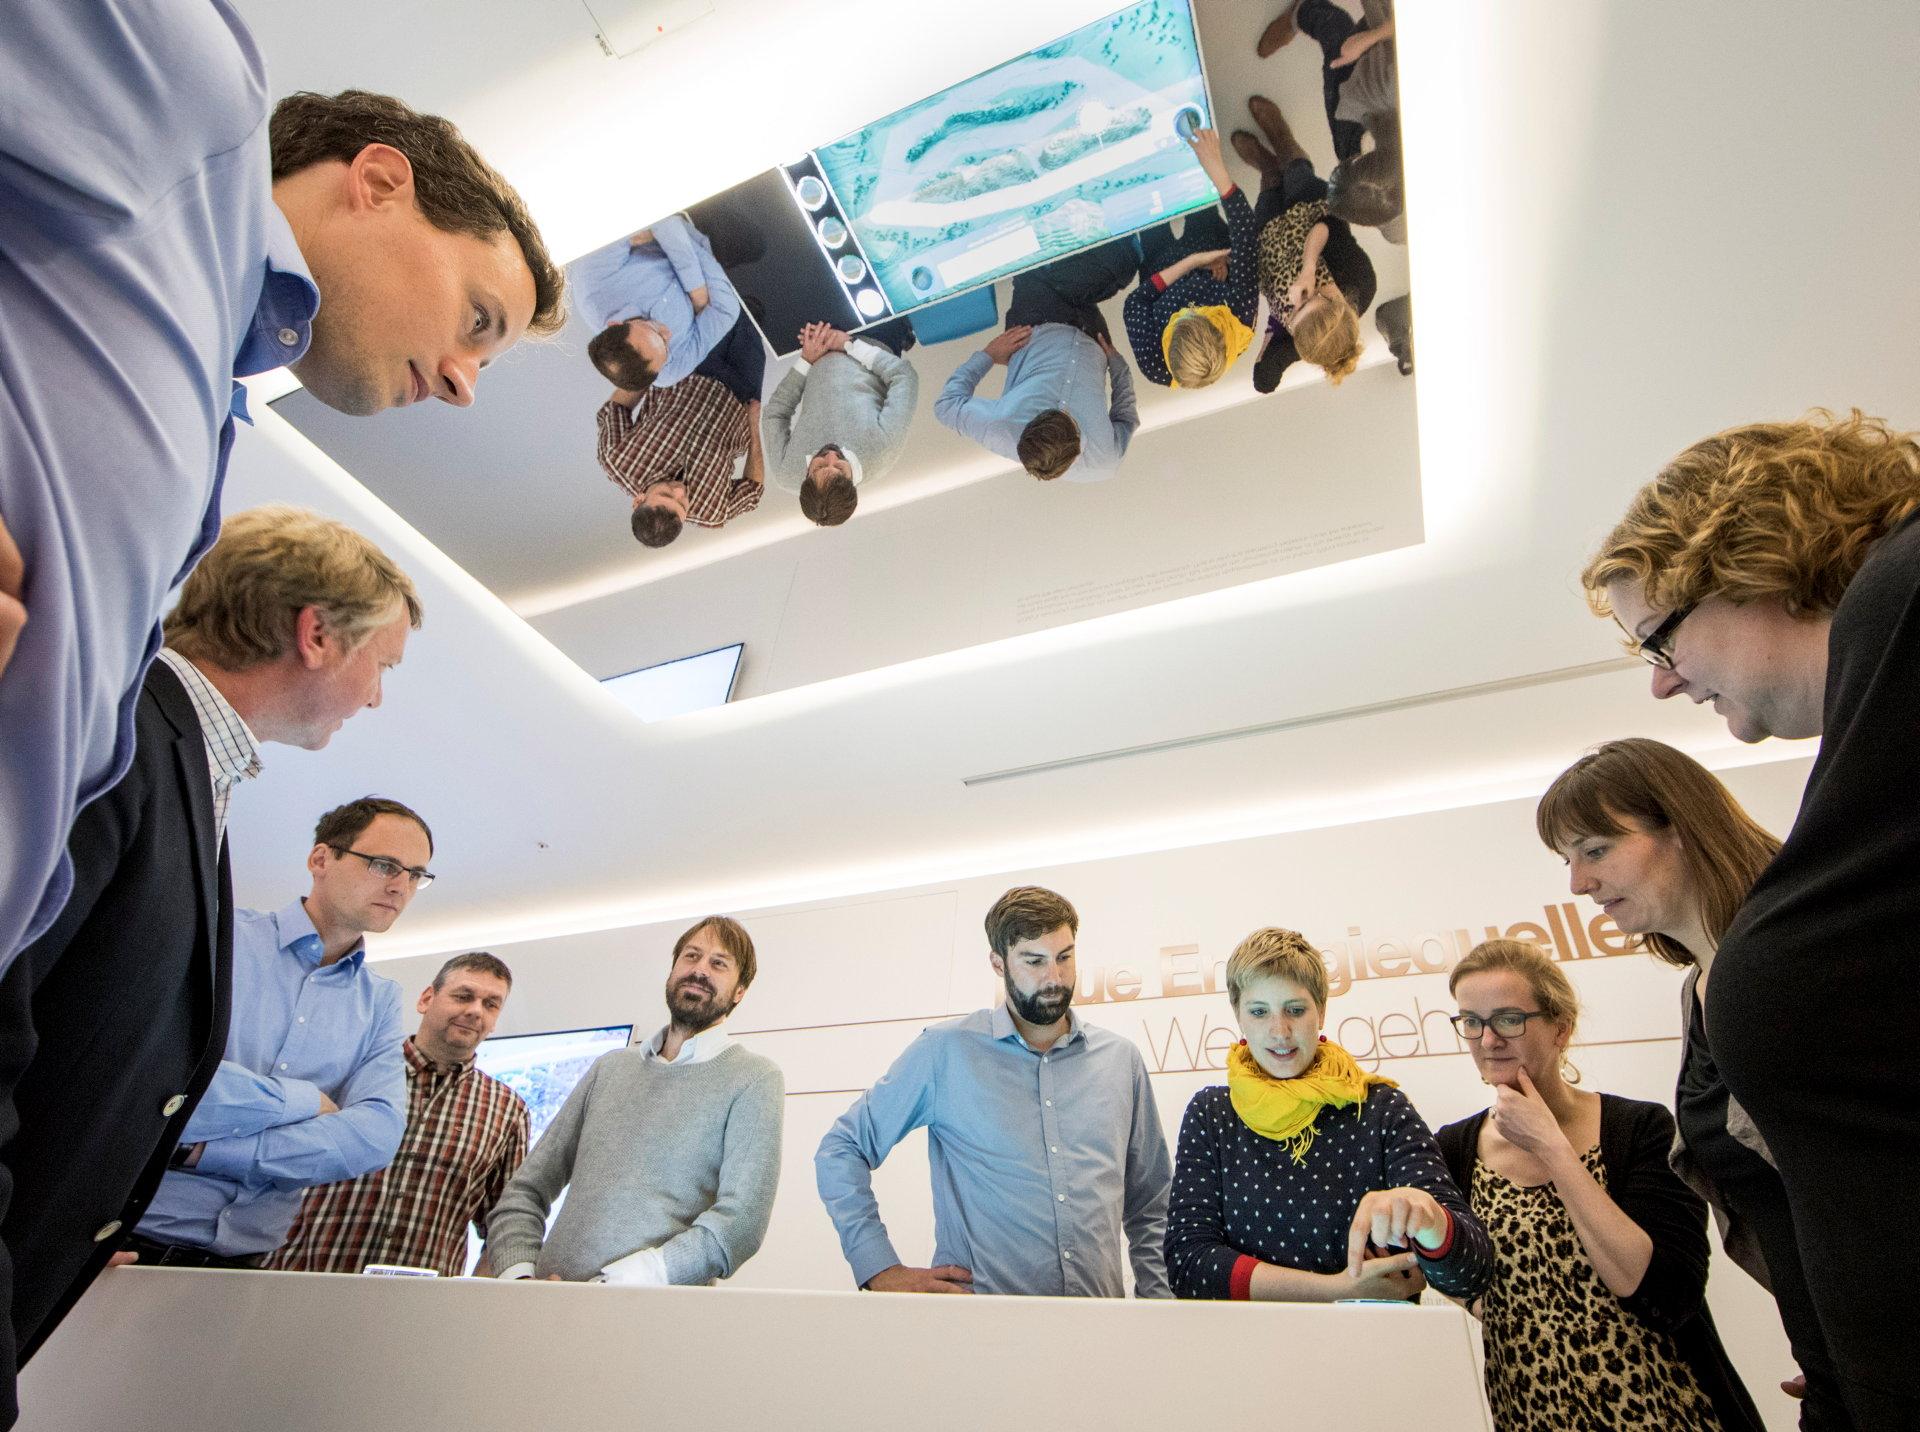 Menschen schauen auf  einen Tisch mit einem Planspiel zum Stromtrassenbau.